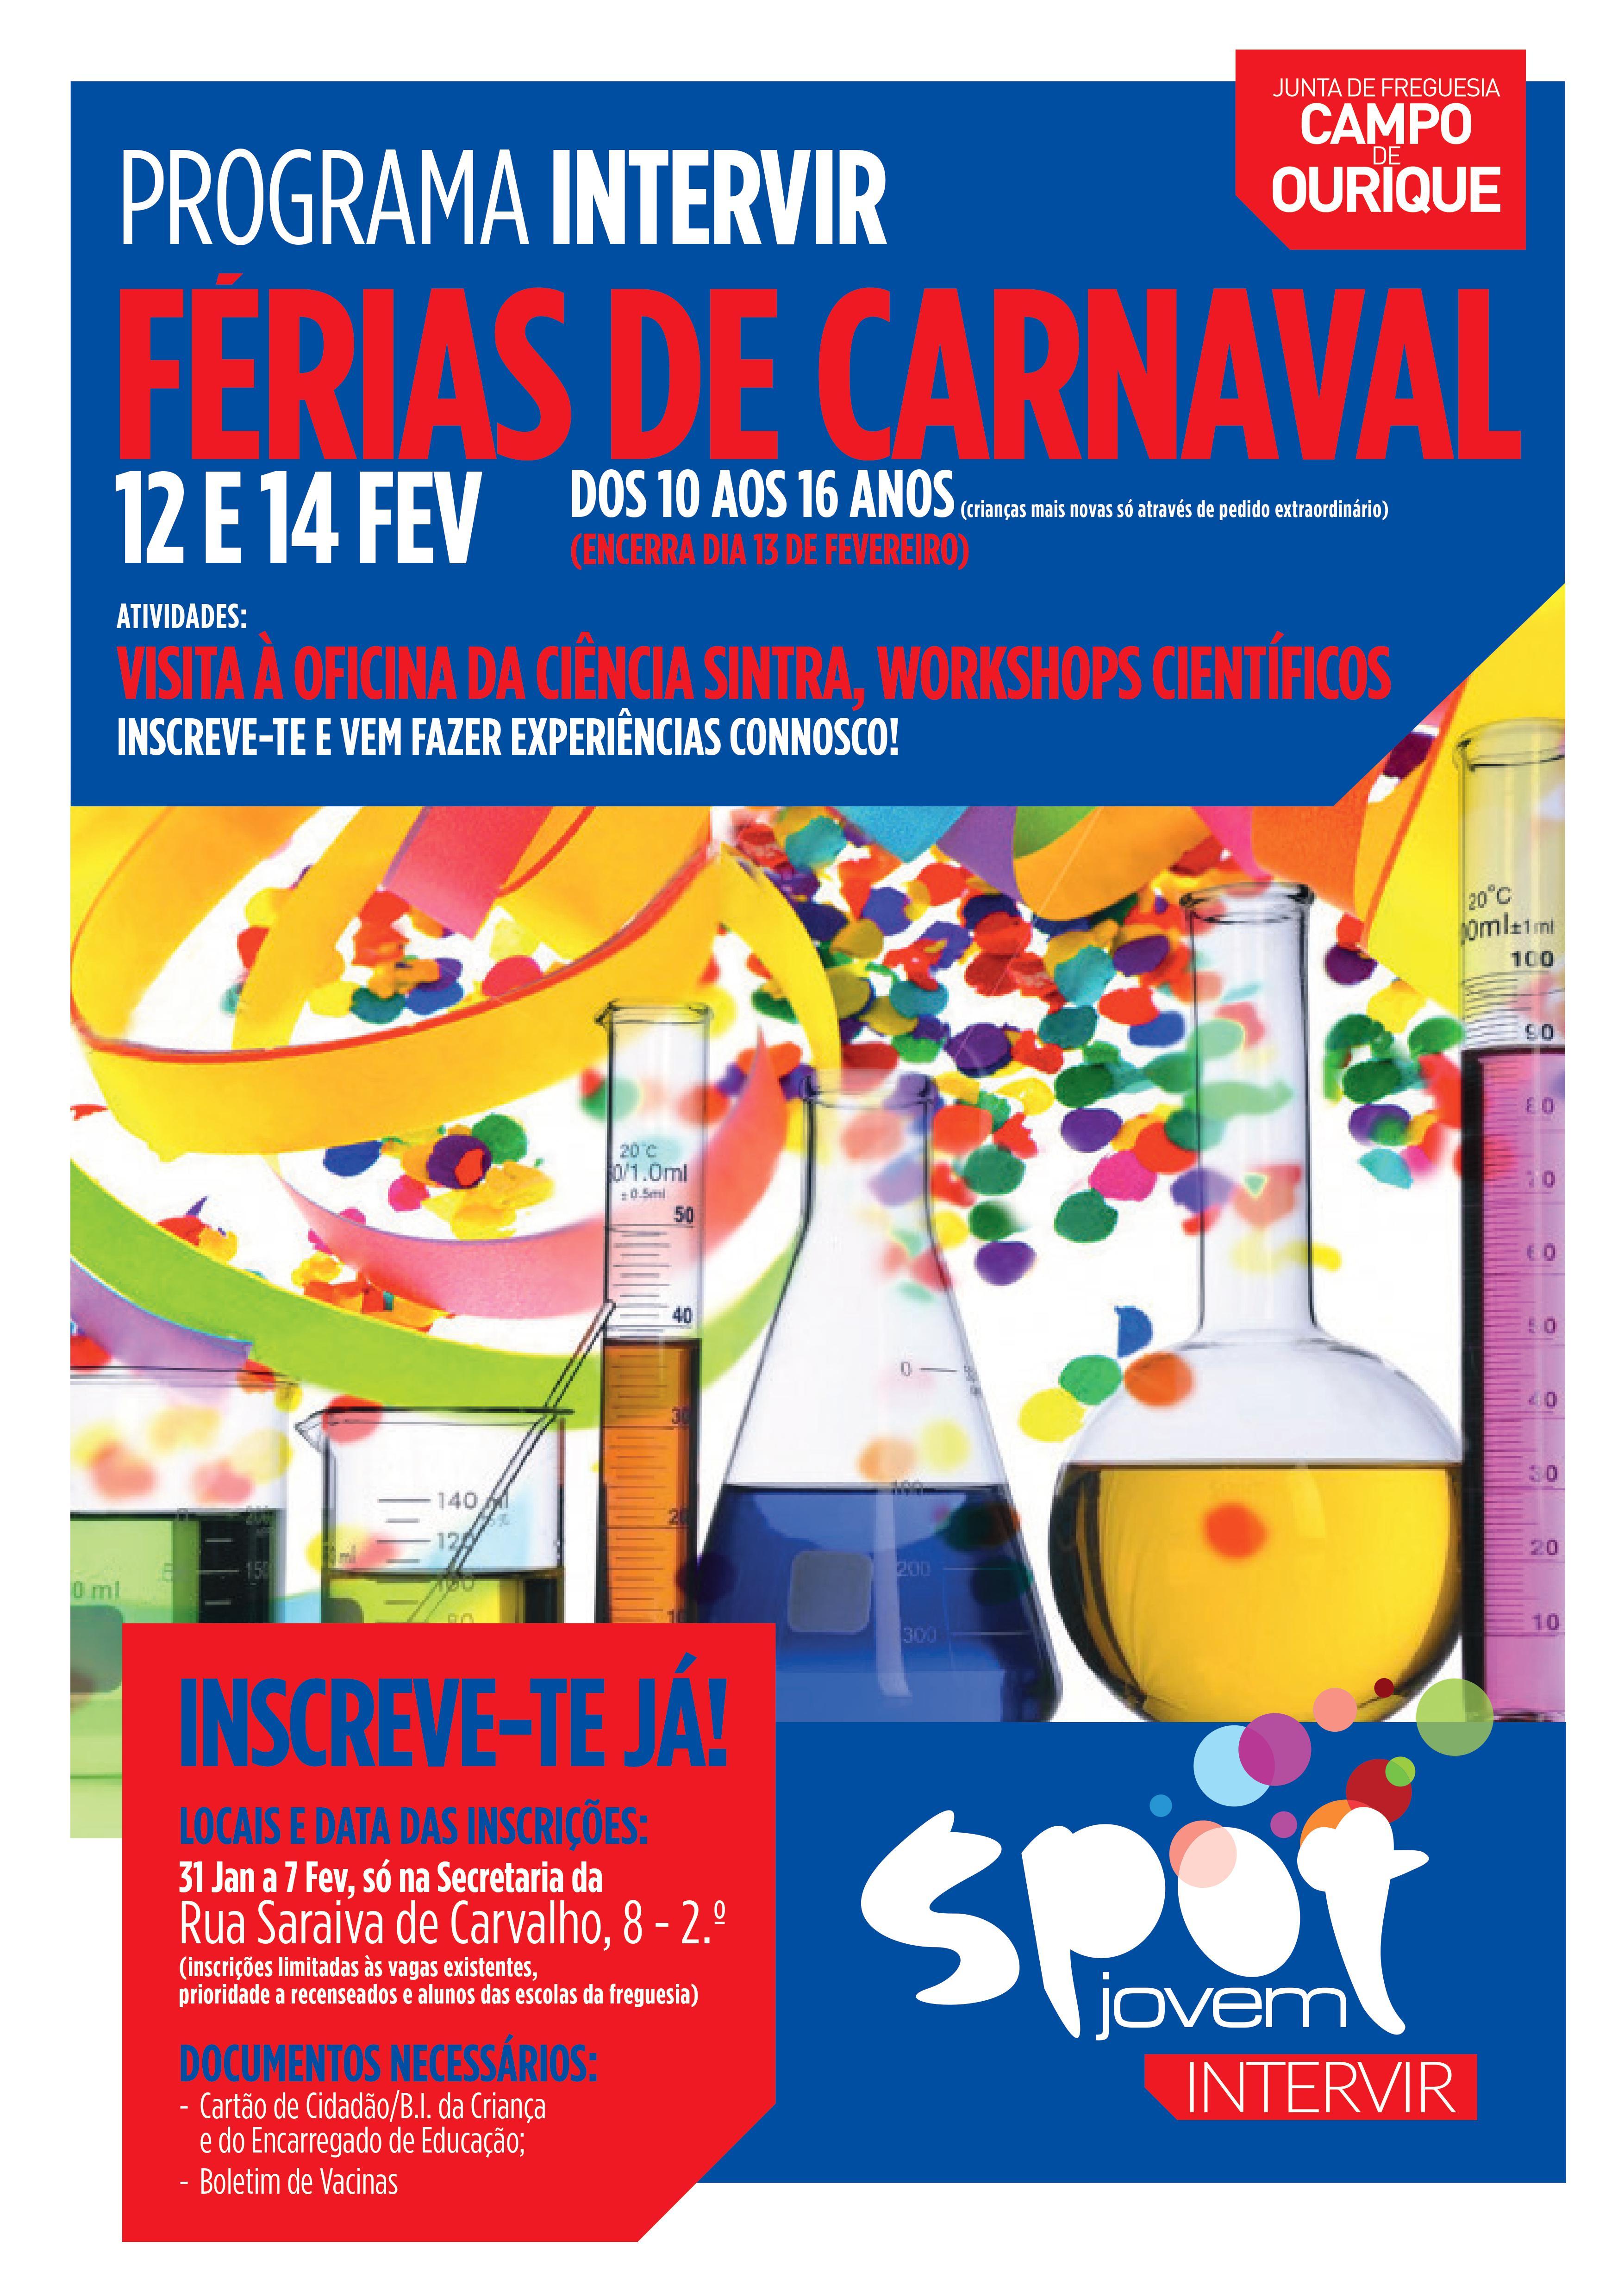 ferias de carnaval